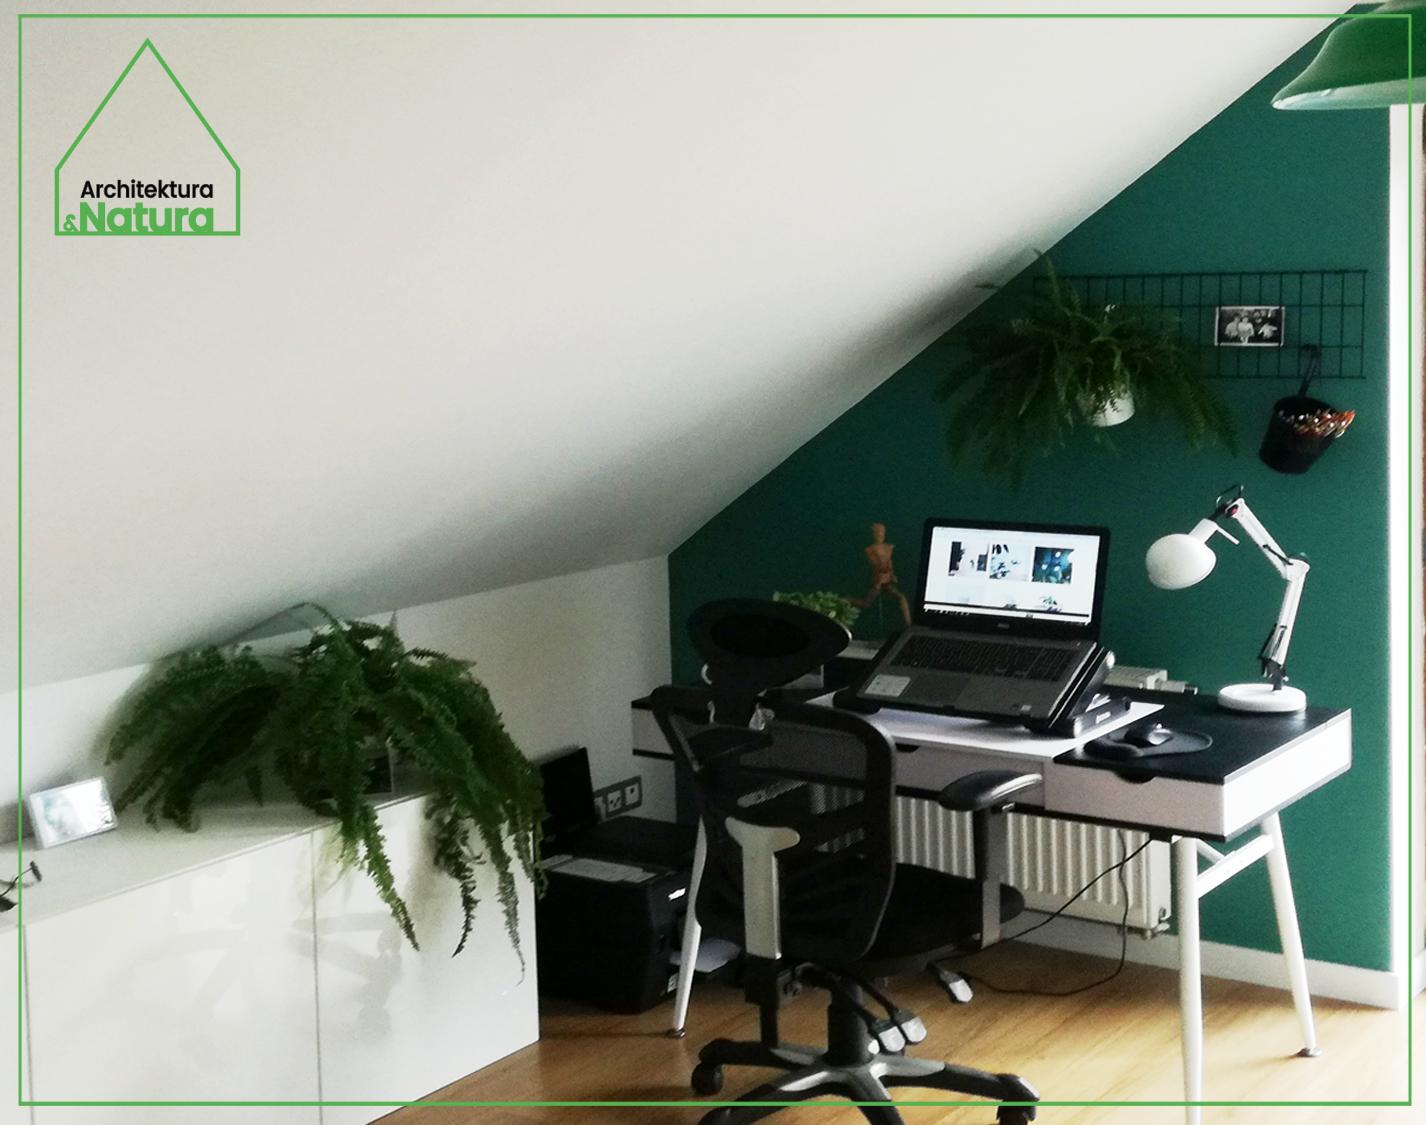 Projekt małego biura ze skosamiprojektowanie wnętrz: Doscha STUDIO Julia Chalimoniuk